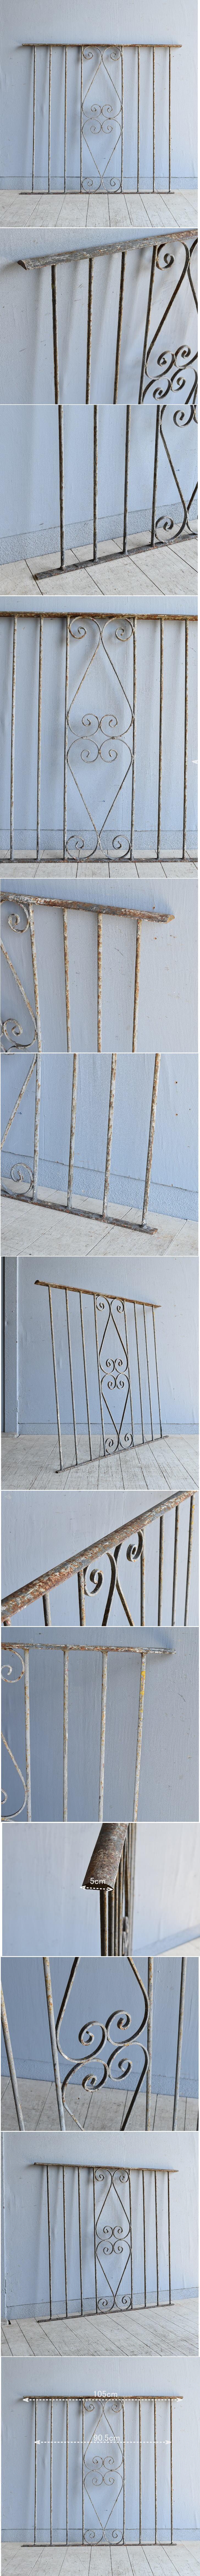 イギリス アンティーク アイアンフェンス ゲート柵 8093